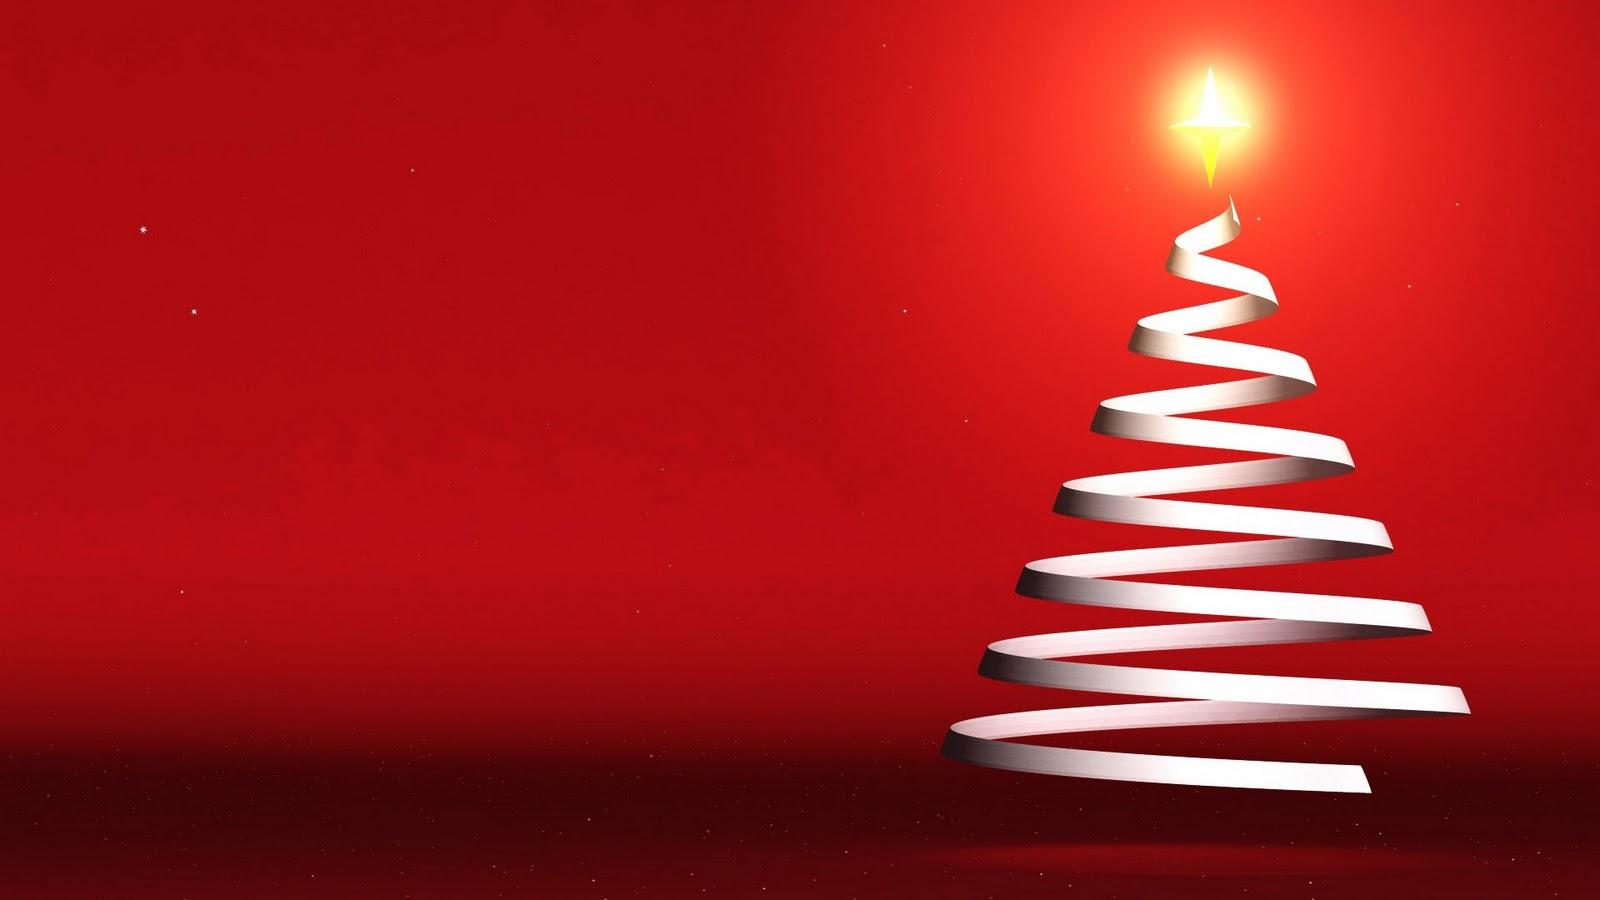 Kerst Achtergronden | HD Wallpapers Wallpapers Kerst Achtergronden